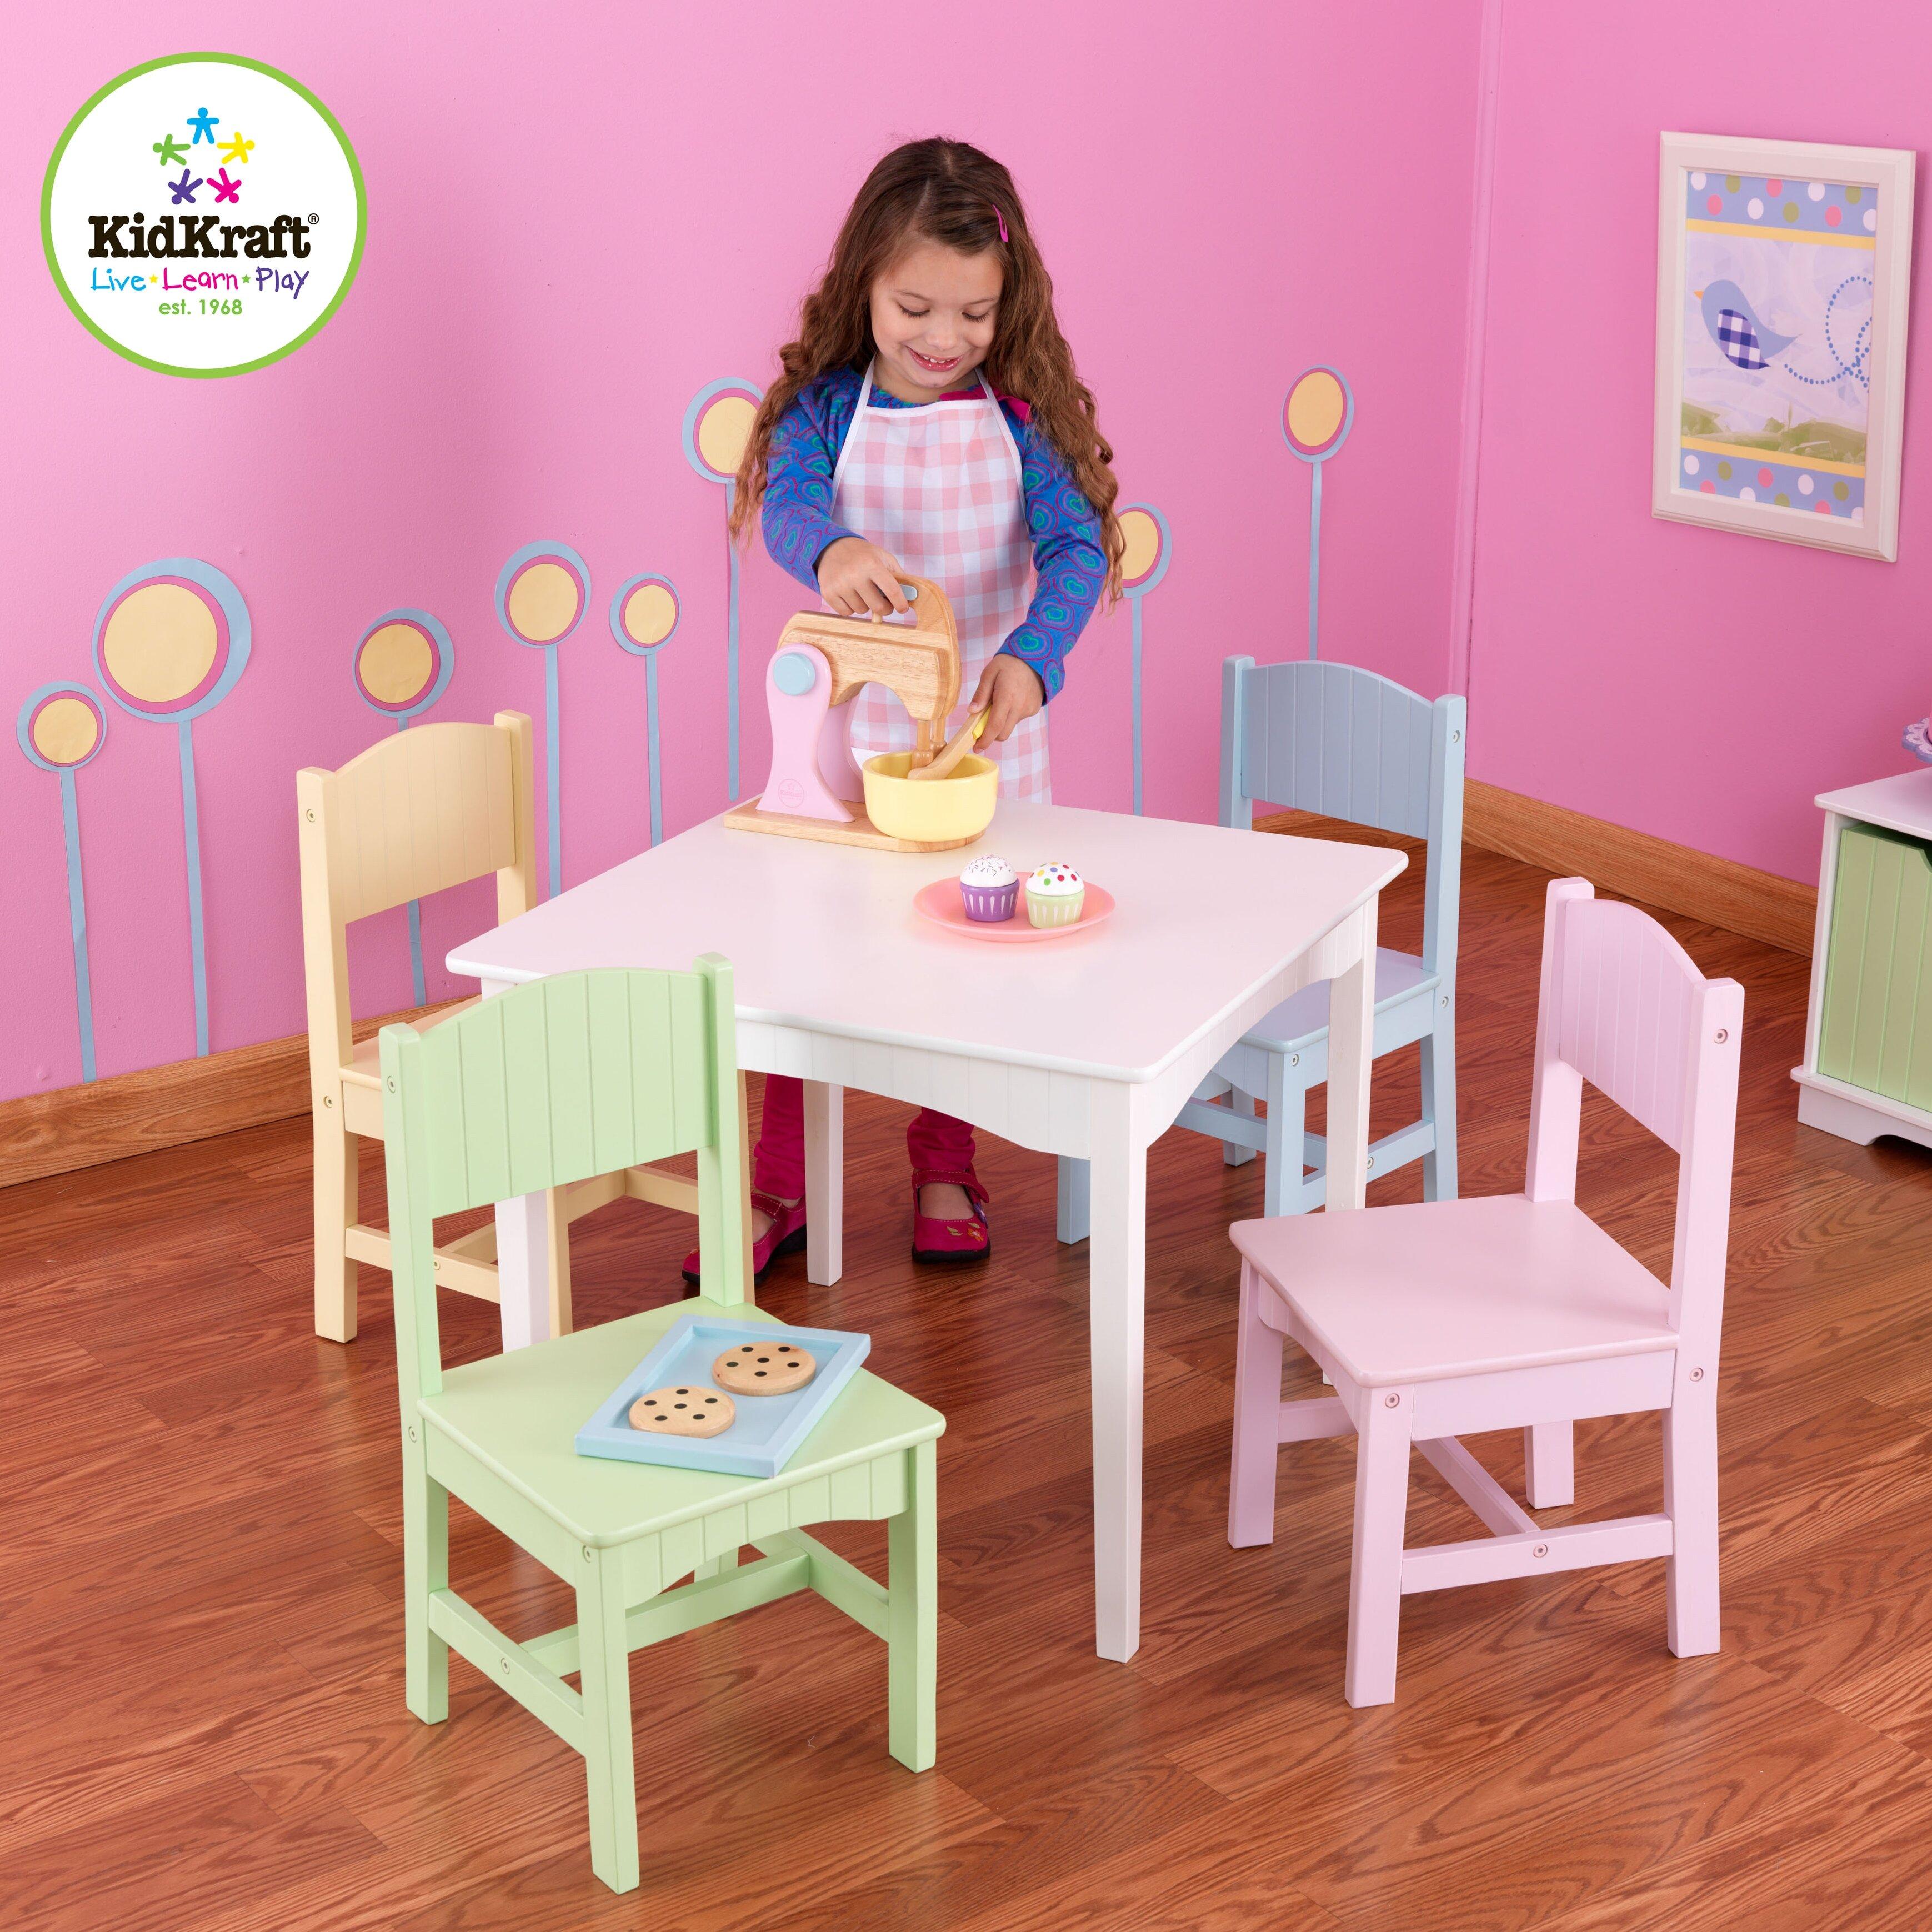 KidKraft Nantucket Kids 5 Piece Table Chair Set Reviews Wayfair